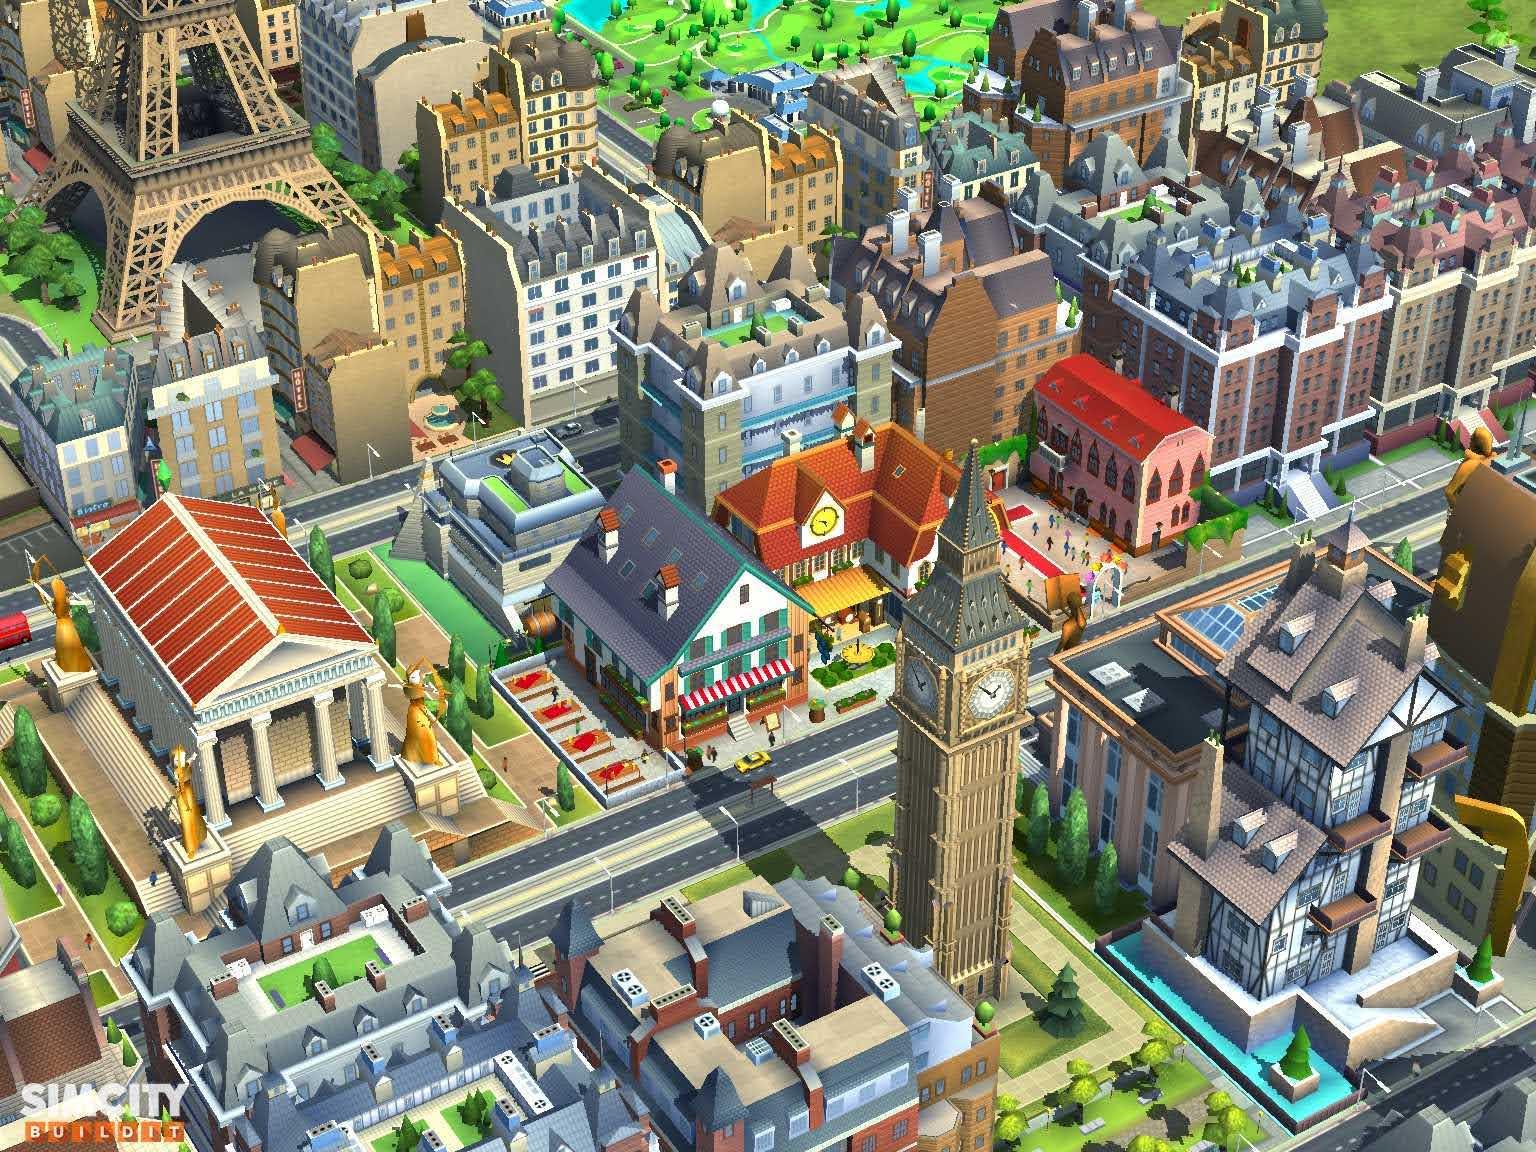 Old Town - Big Ben